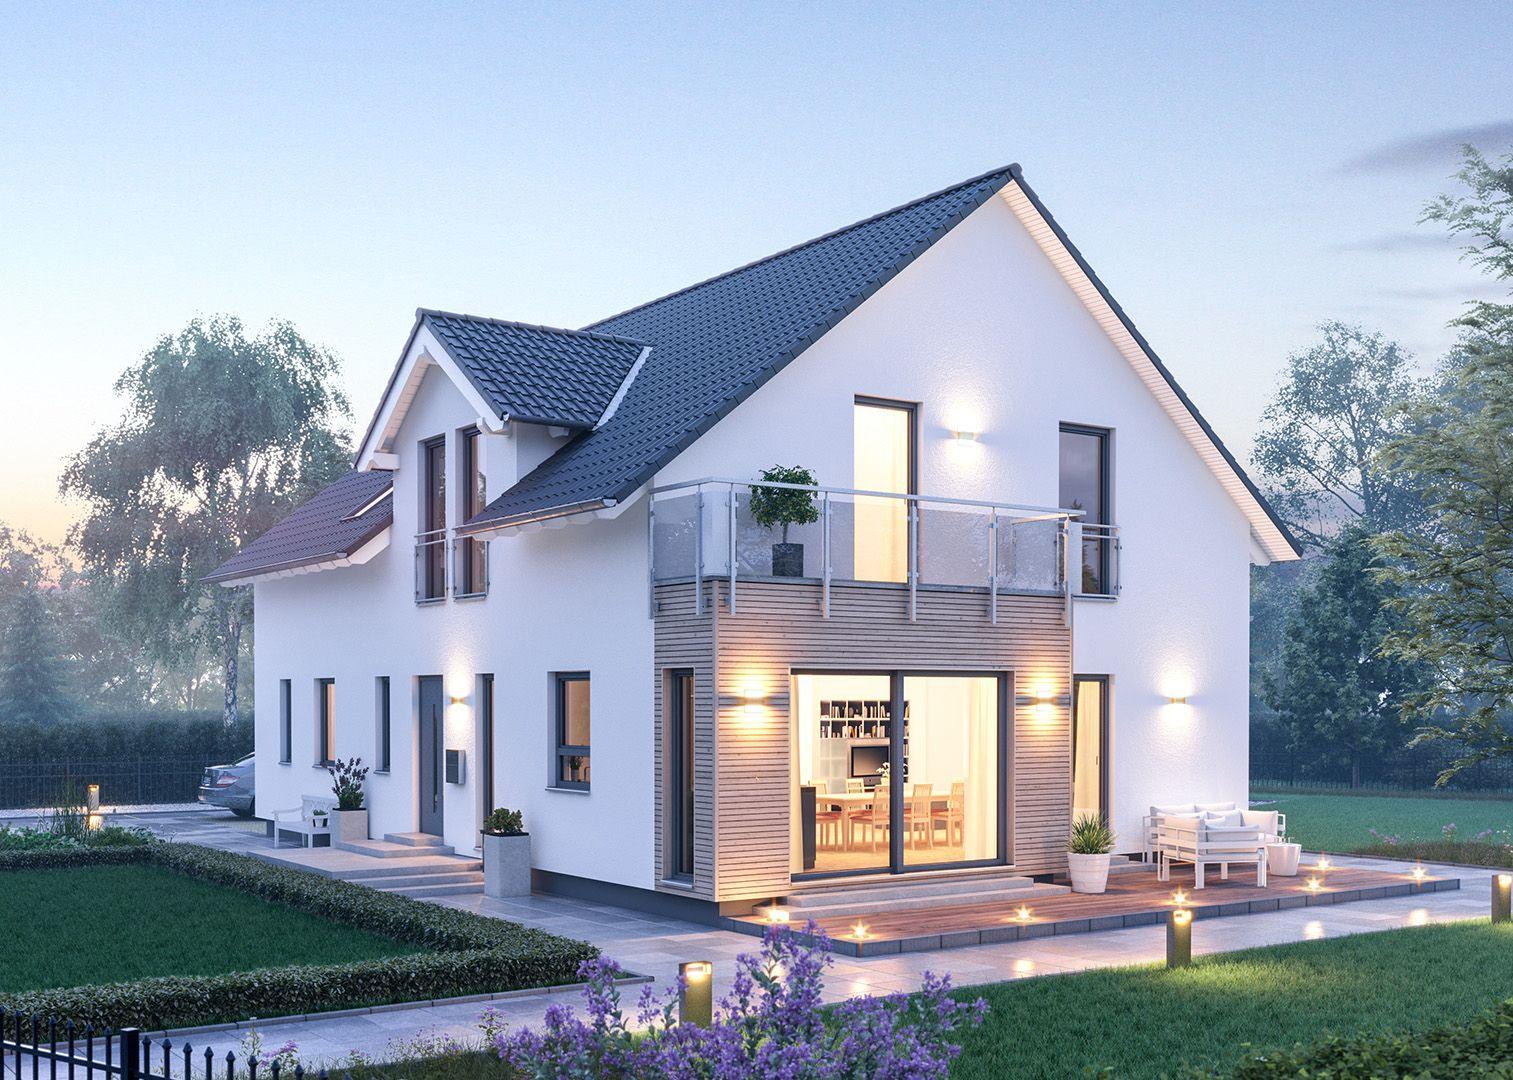 Traum vom eigenheim wir verwirklichen ihn lifestyle 4 wohnbereich